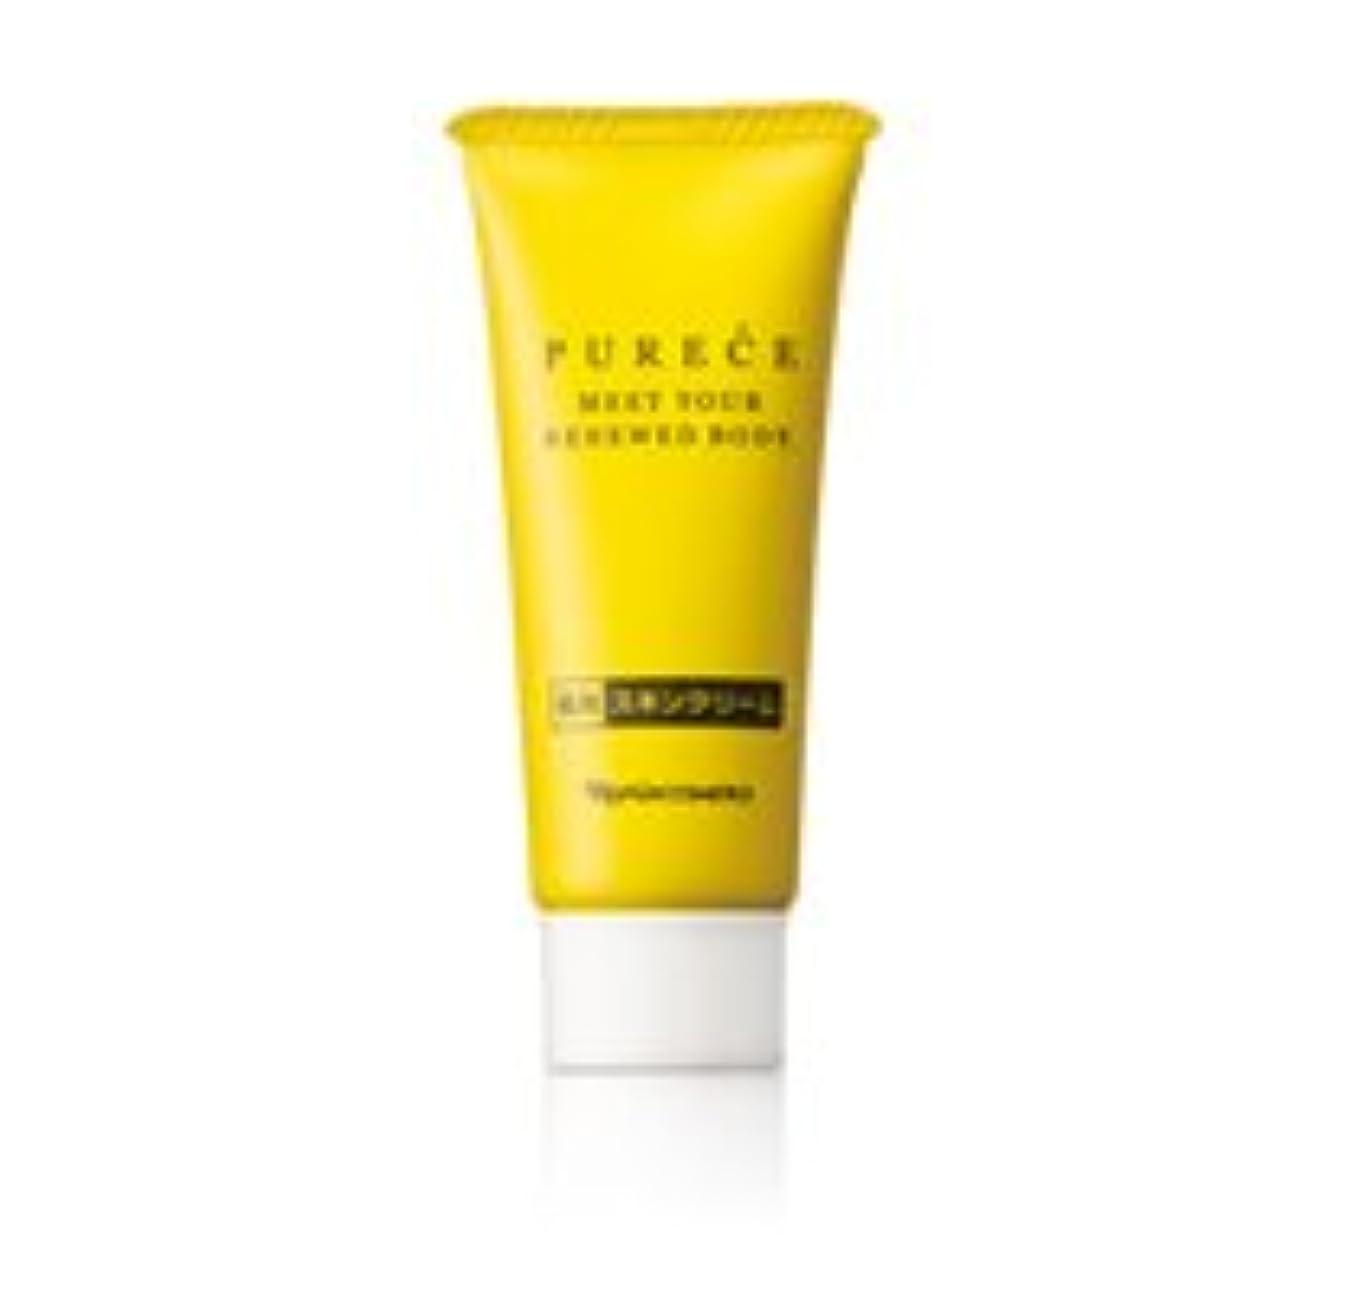 落ち着かない旅かすれたナリス化粧品 薬用 ピュアーチェ(PURECE) スキンクリーム 40g